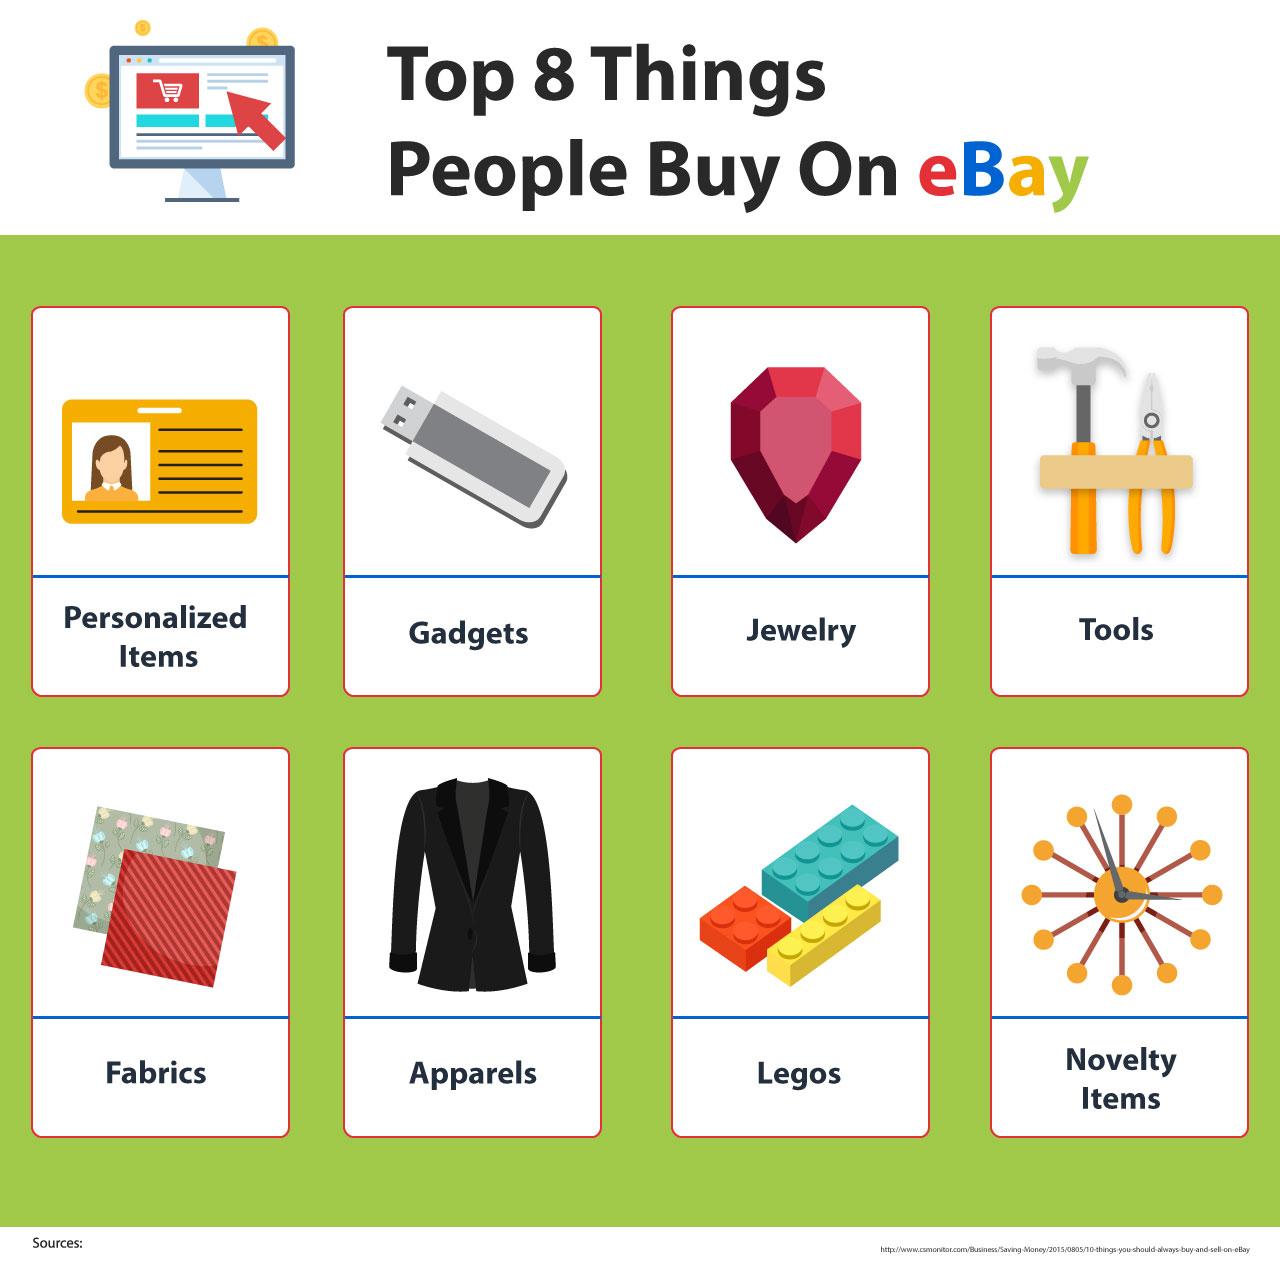 Things To Buy: Top 8 Things People Buy On EBay